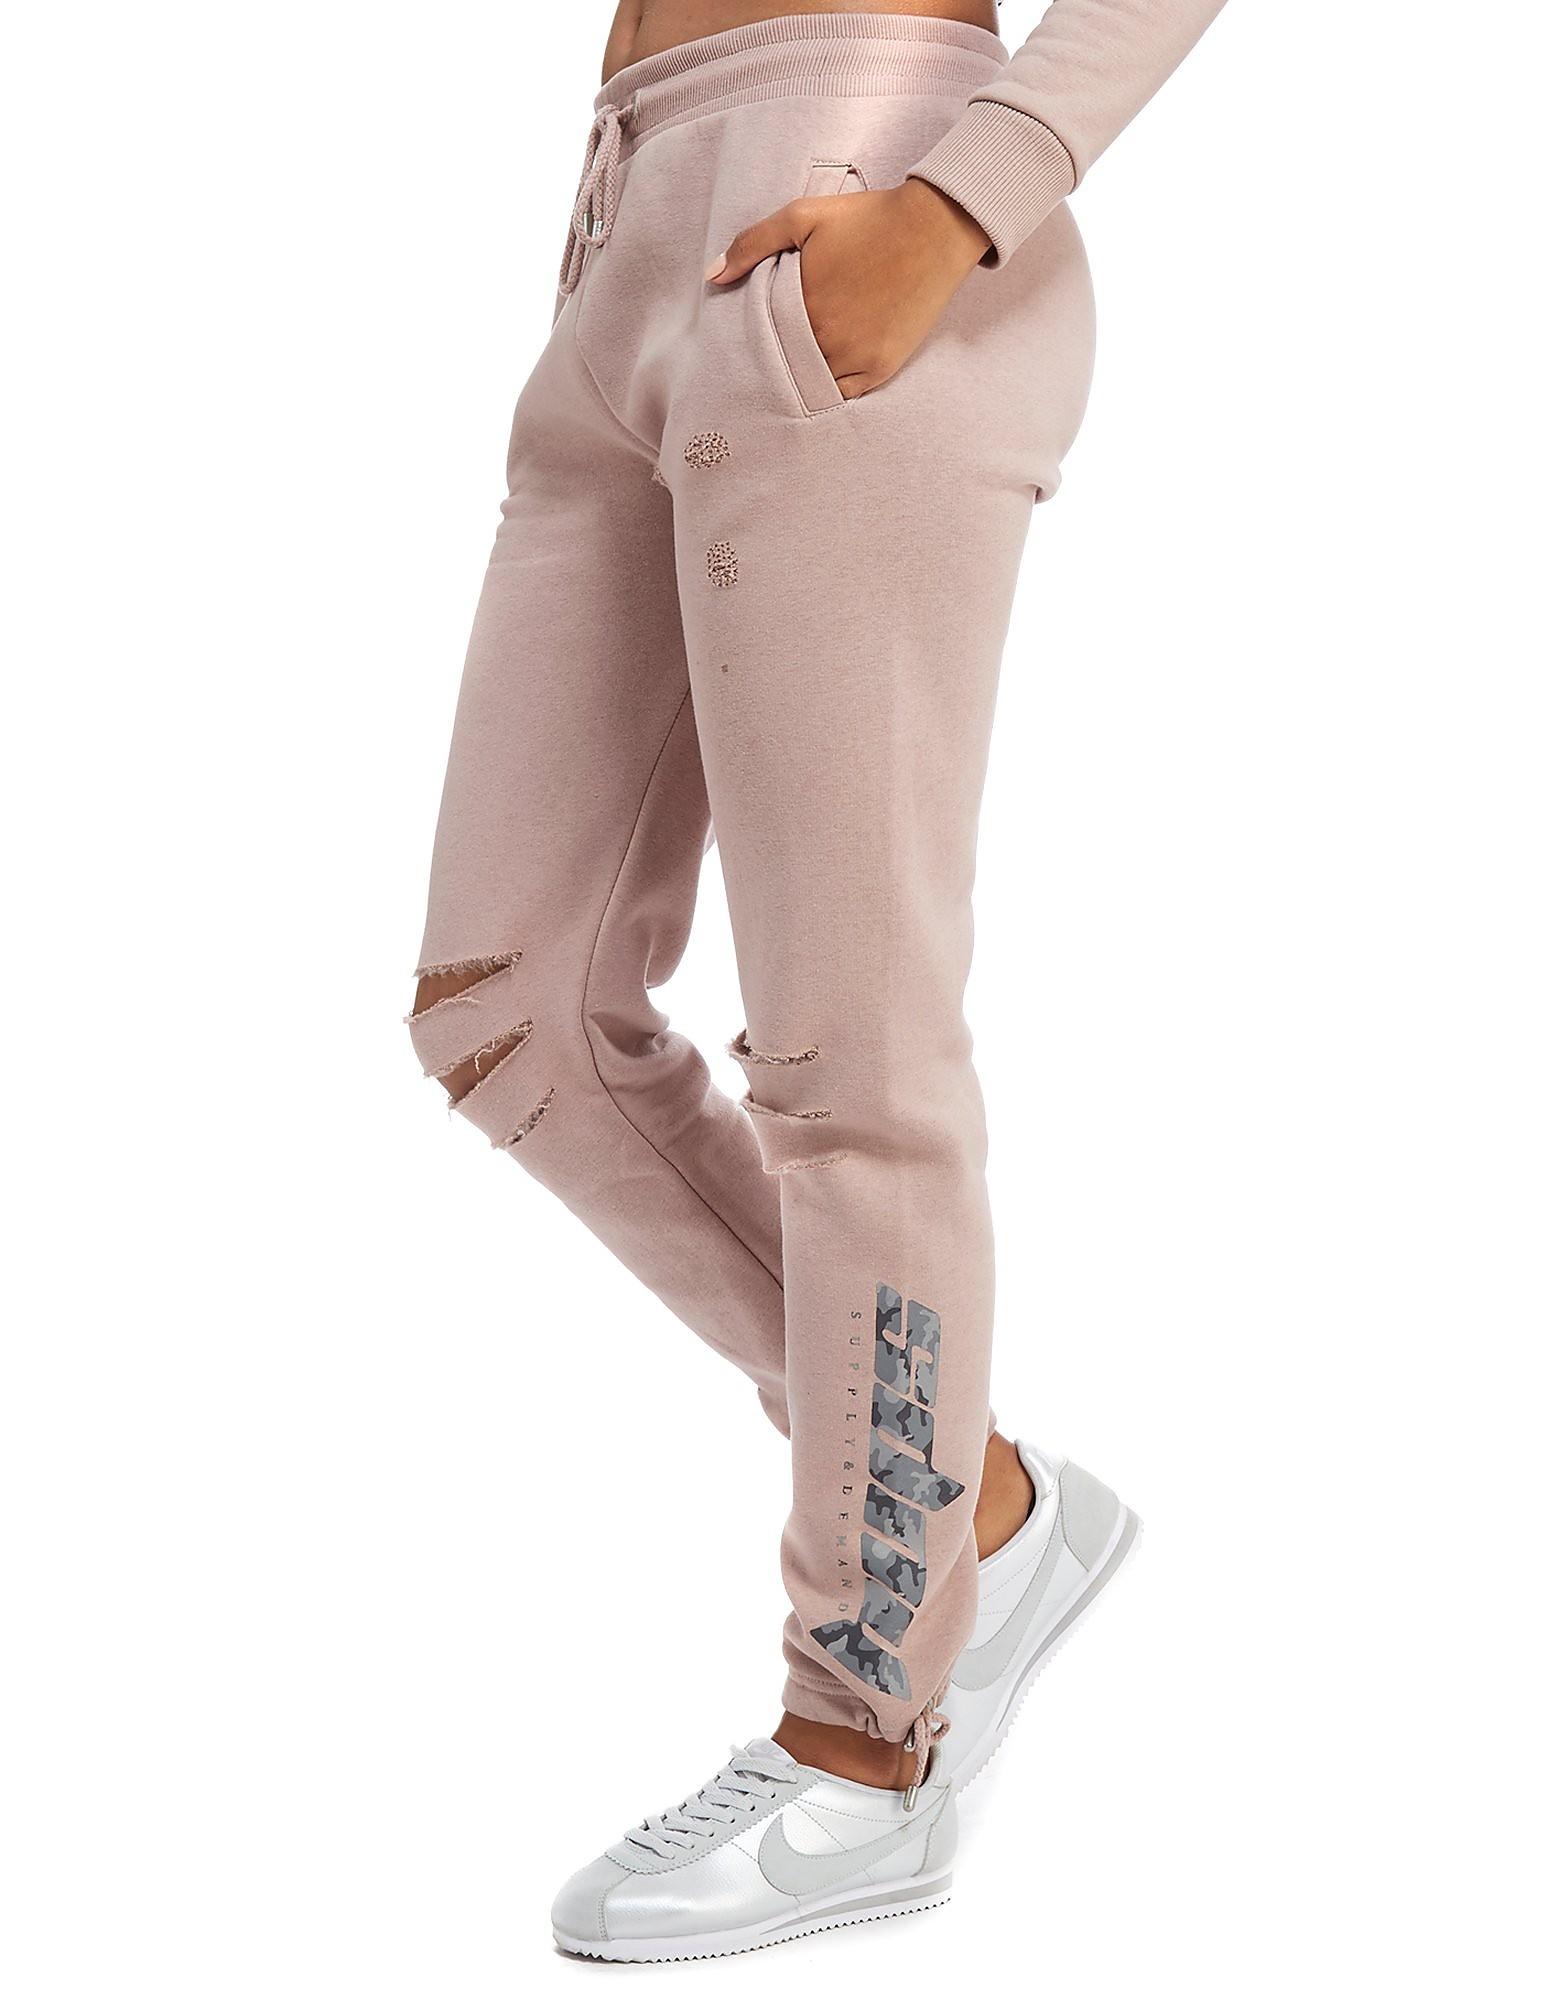 Supply & Demand pantalón de chándal Camo Tie